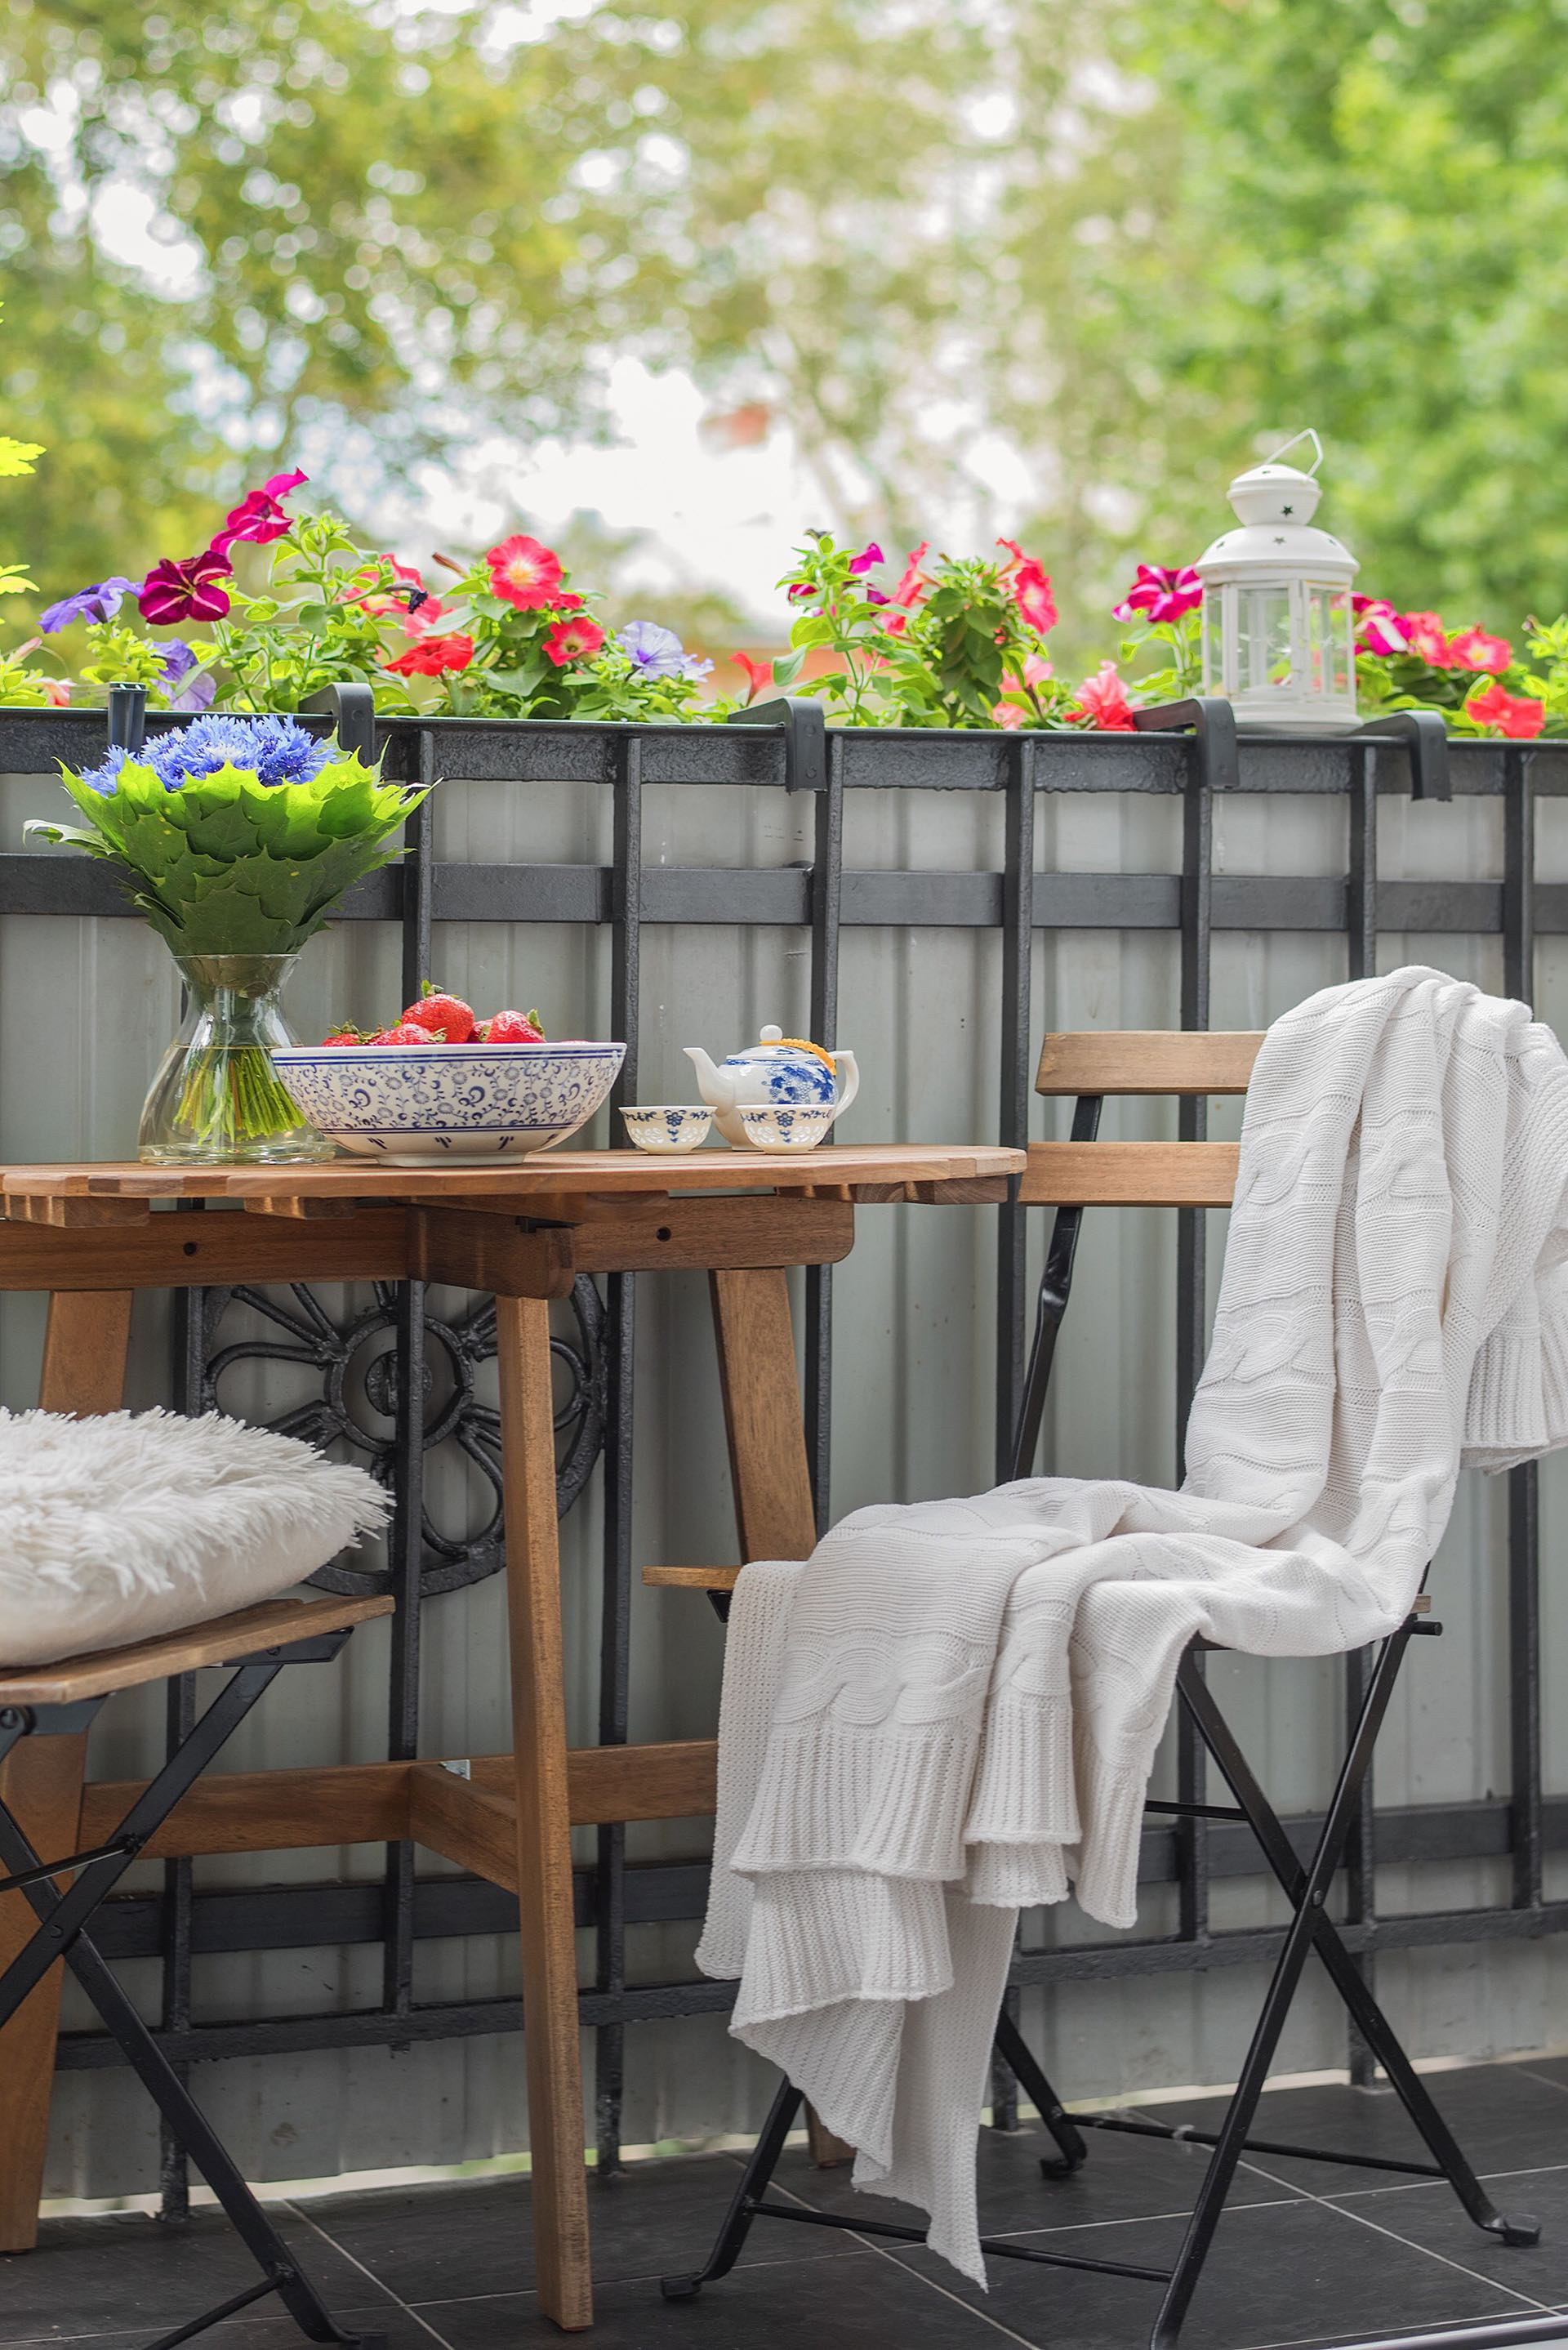 балкон цветы уличная мебель